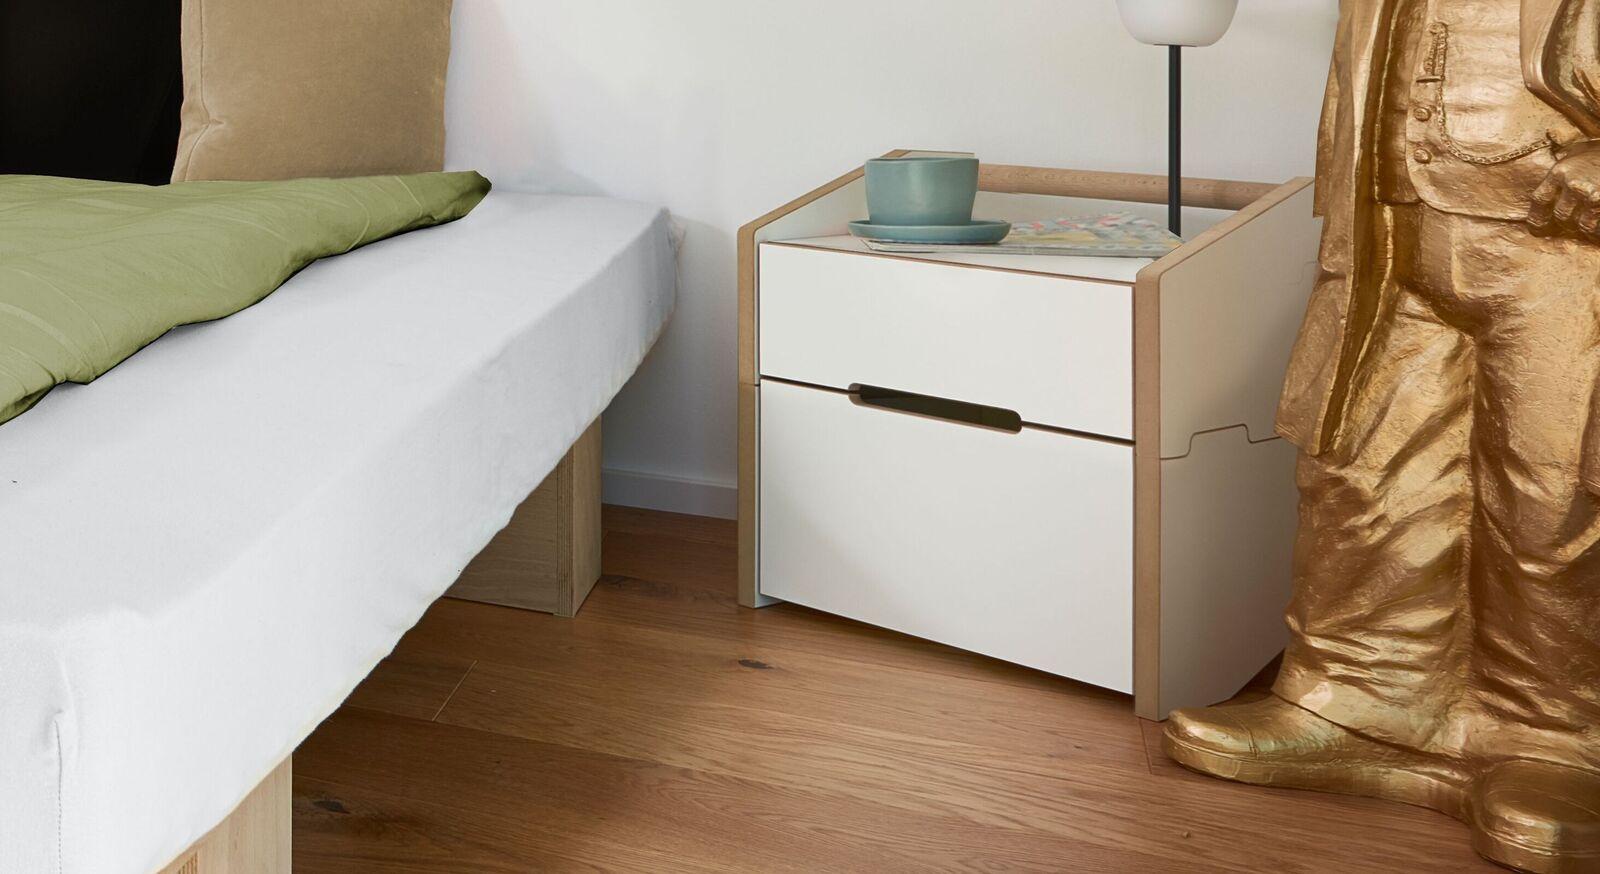 Nachttisch Tojo Cargo in minimalistischem Design